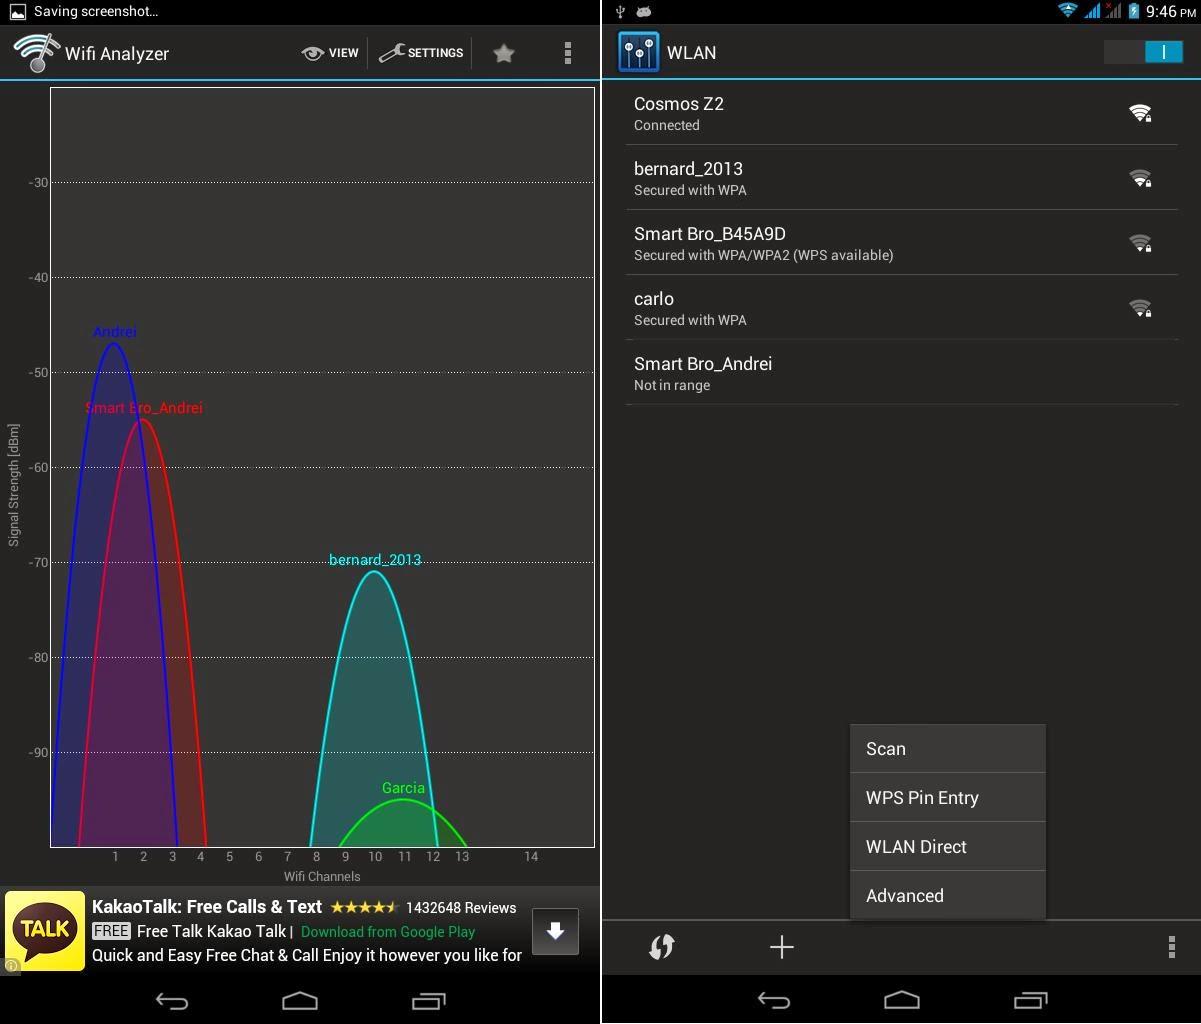 SKK Mobile Extreme WiFi